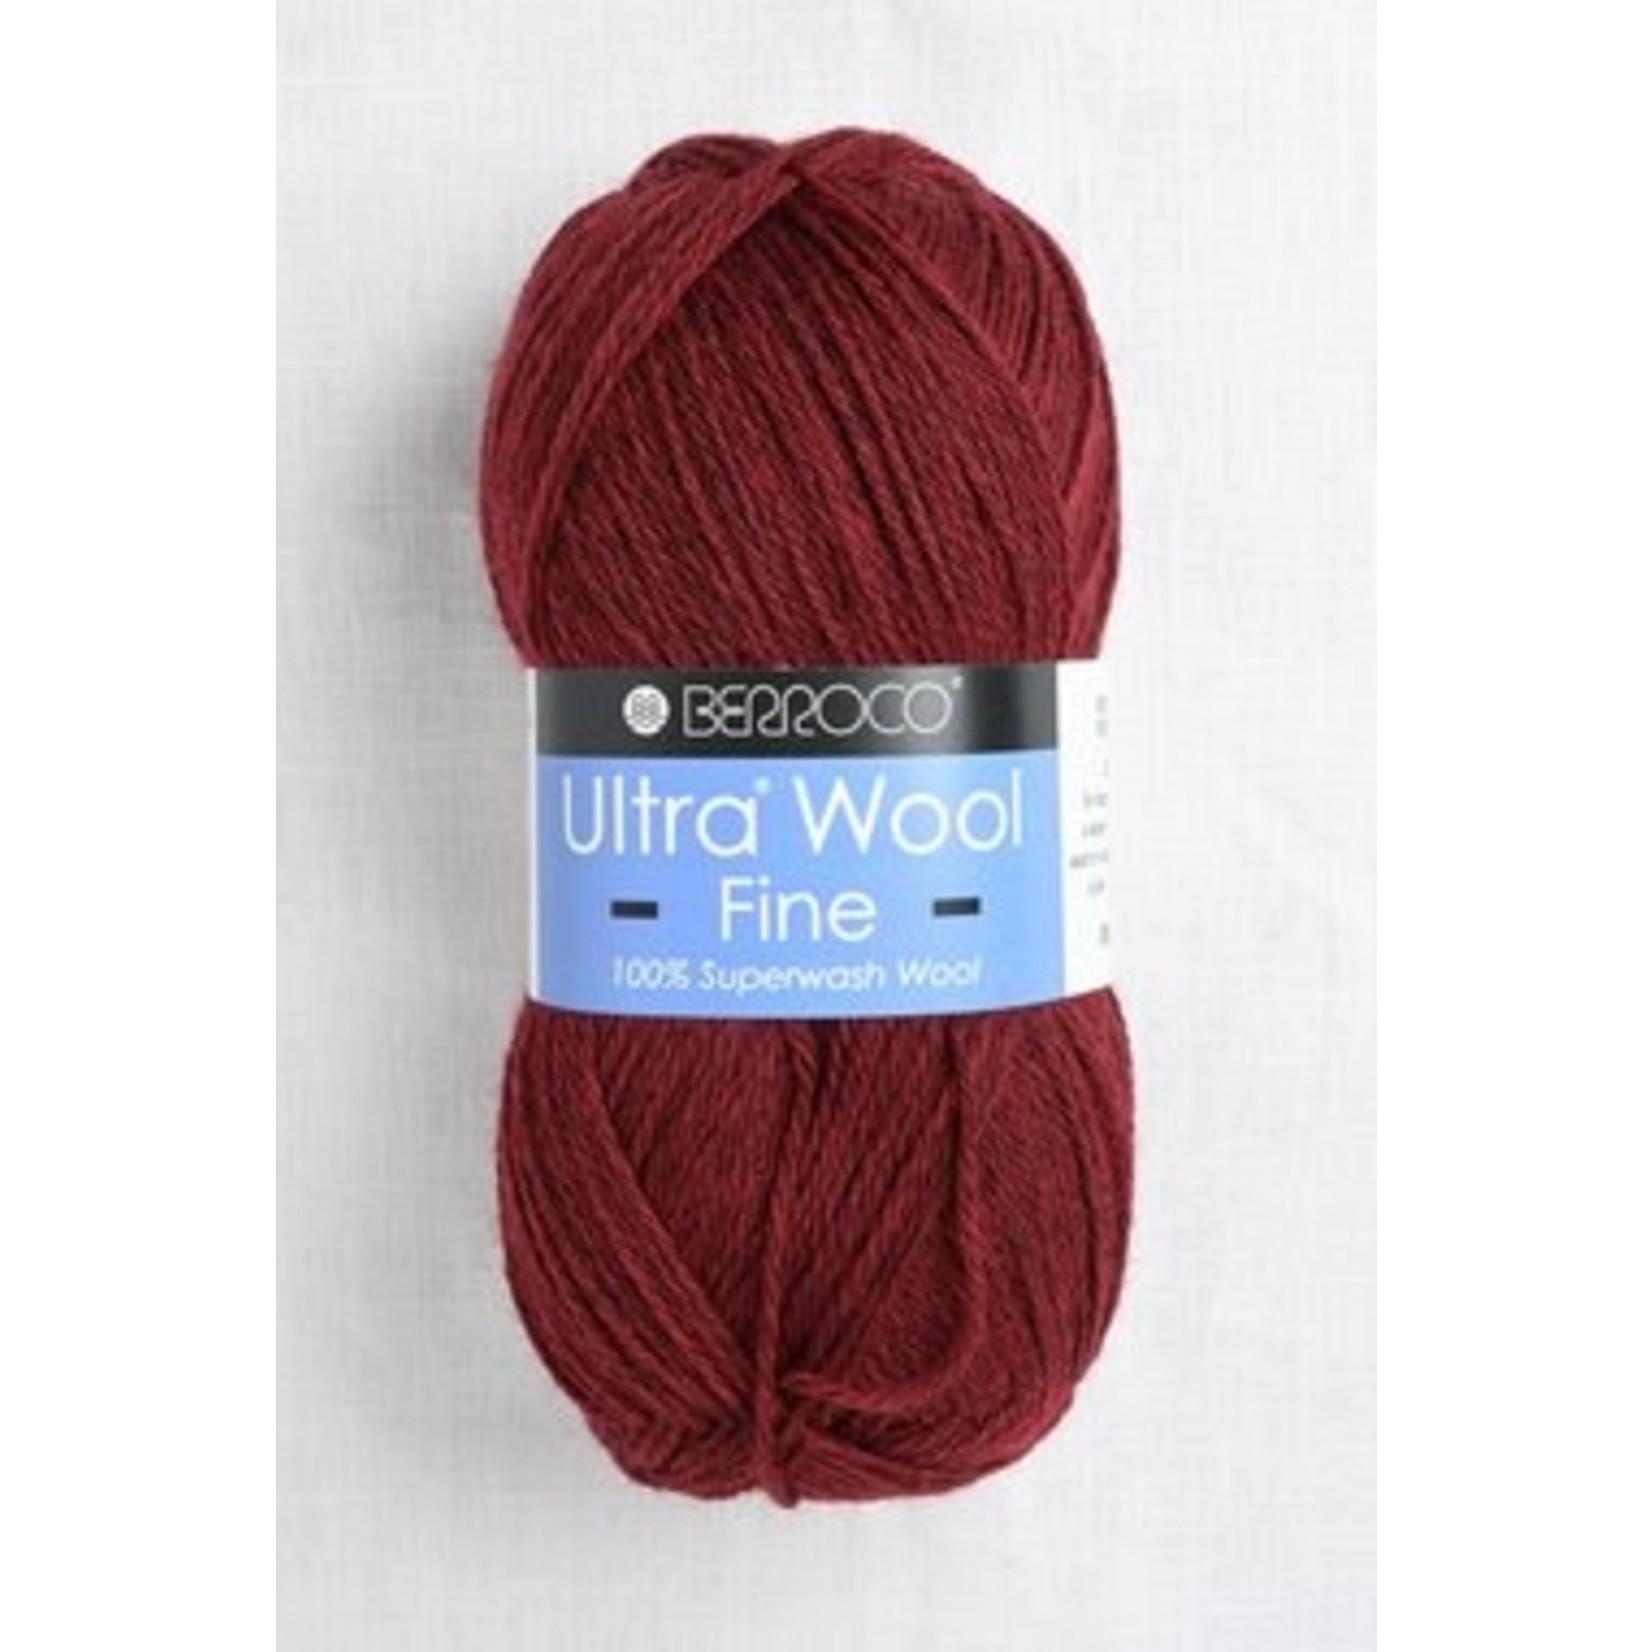 Berroco Berroco Ultra Wool Fine, 53145, Sour Cherry